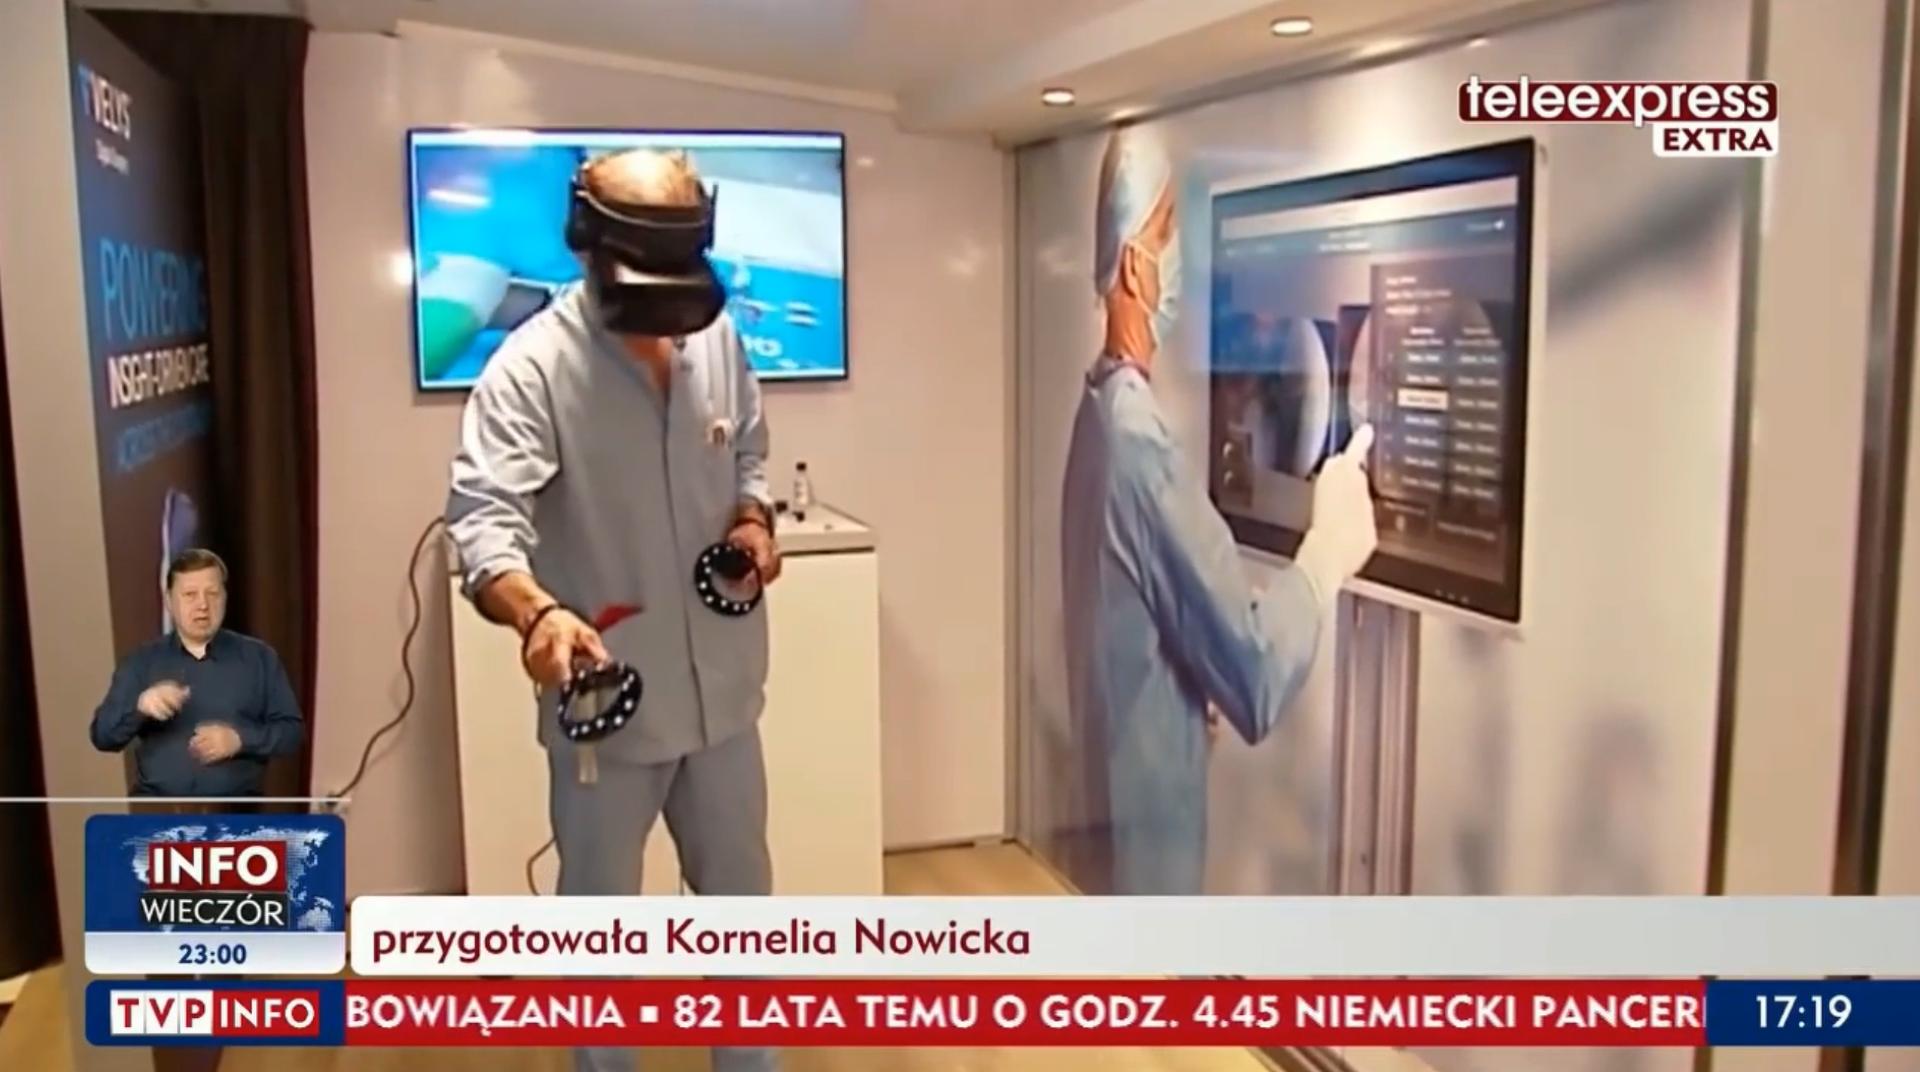 Lekarz podczas szkolenia przy uzyciu wirtualnej rzeczywistosci, klatka z materiału dla Teleexpress extra.